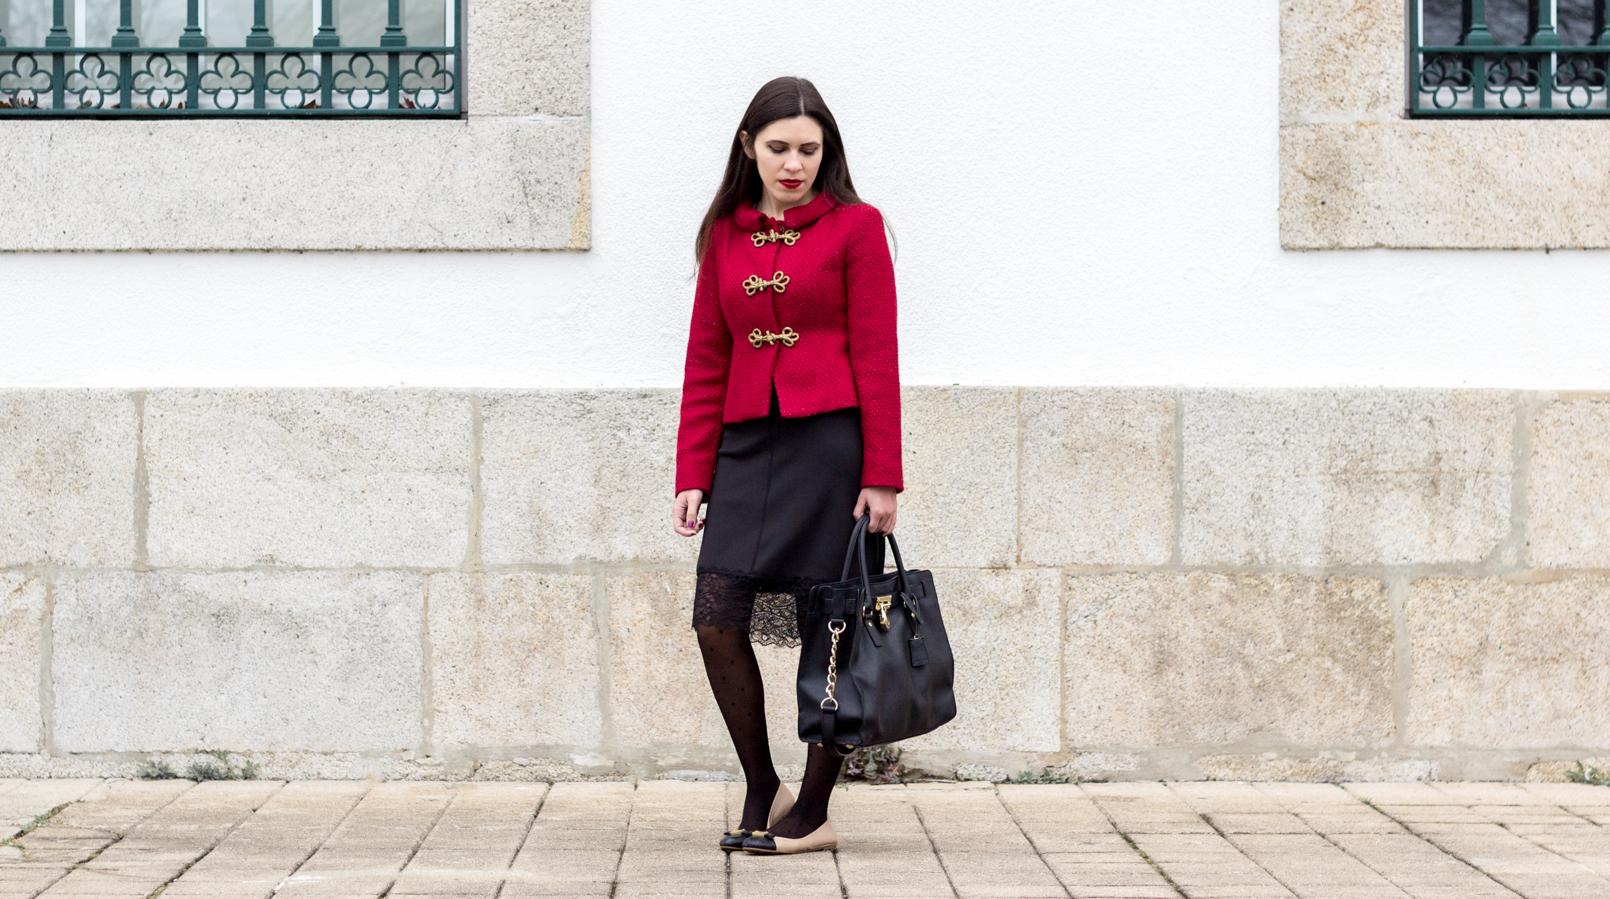 Le Fashionaire Hoje é para viver casaco vermelho pormenores dourado militar lanidor vestido preto lingerie renda zara mala preta hamilton michael kors 0912F PT